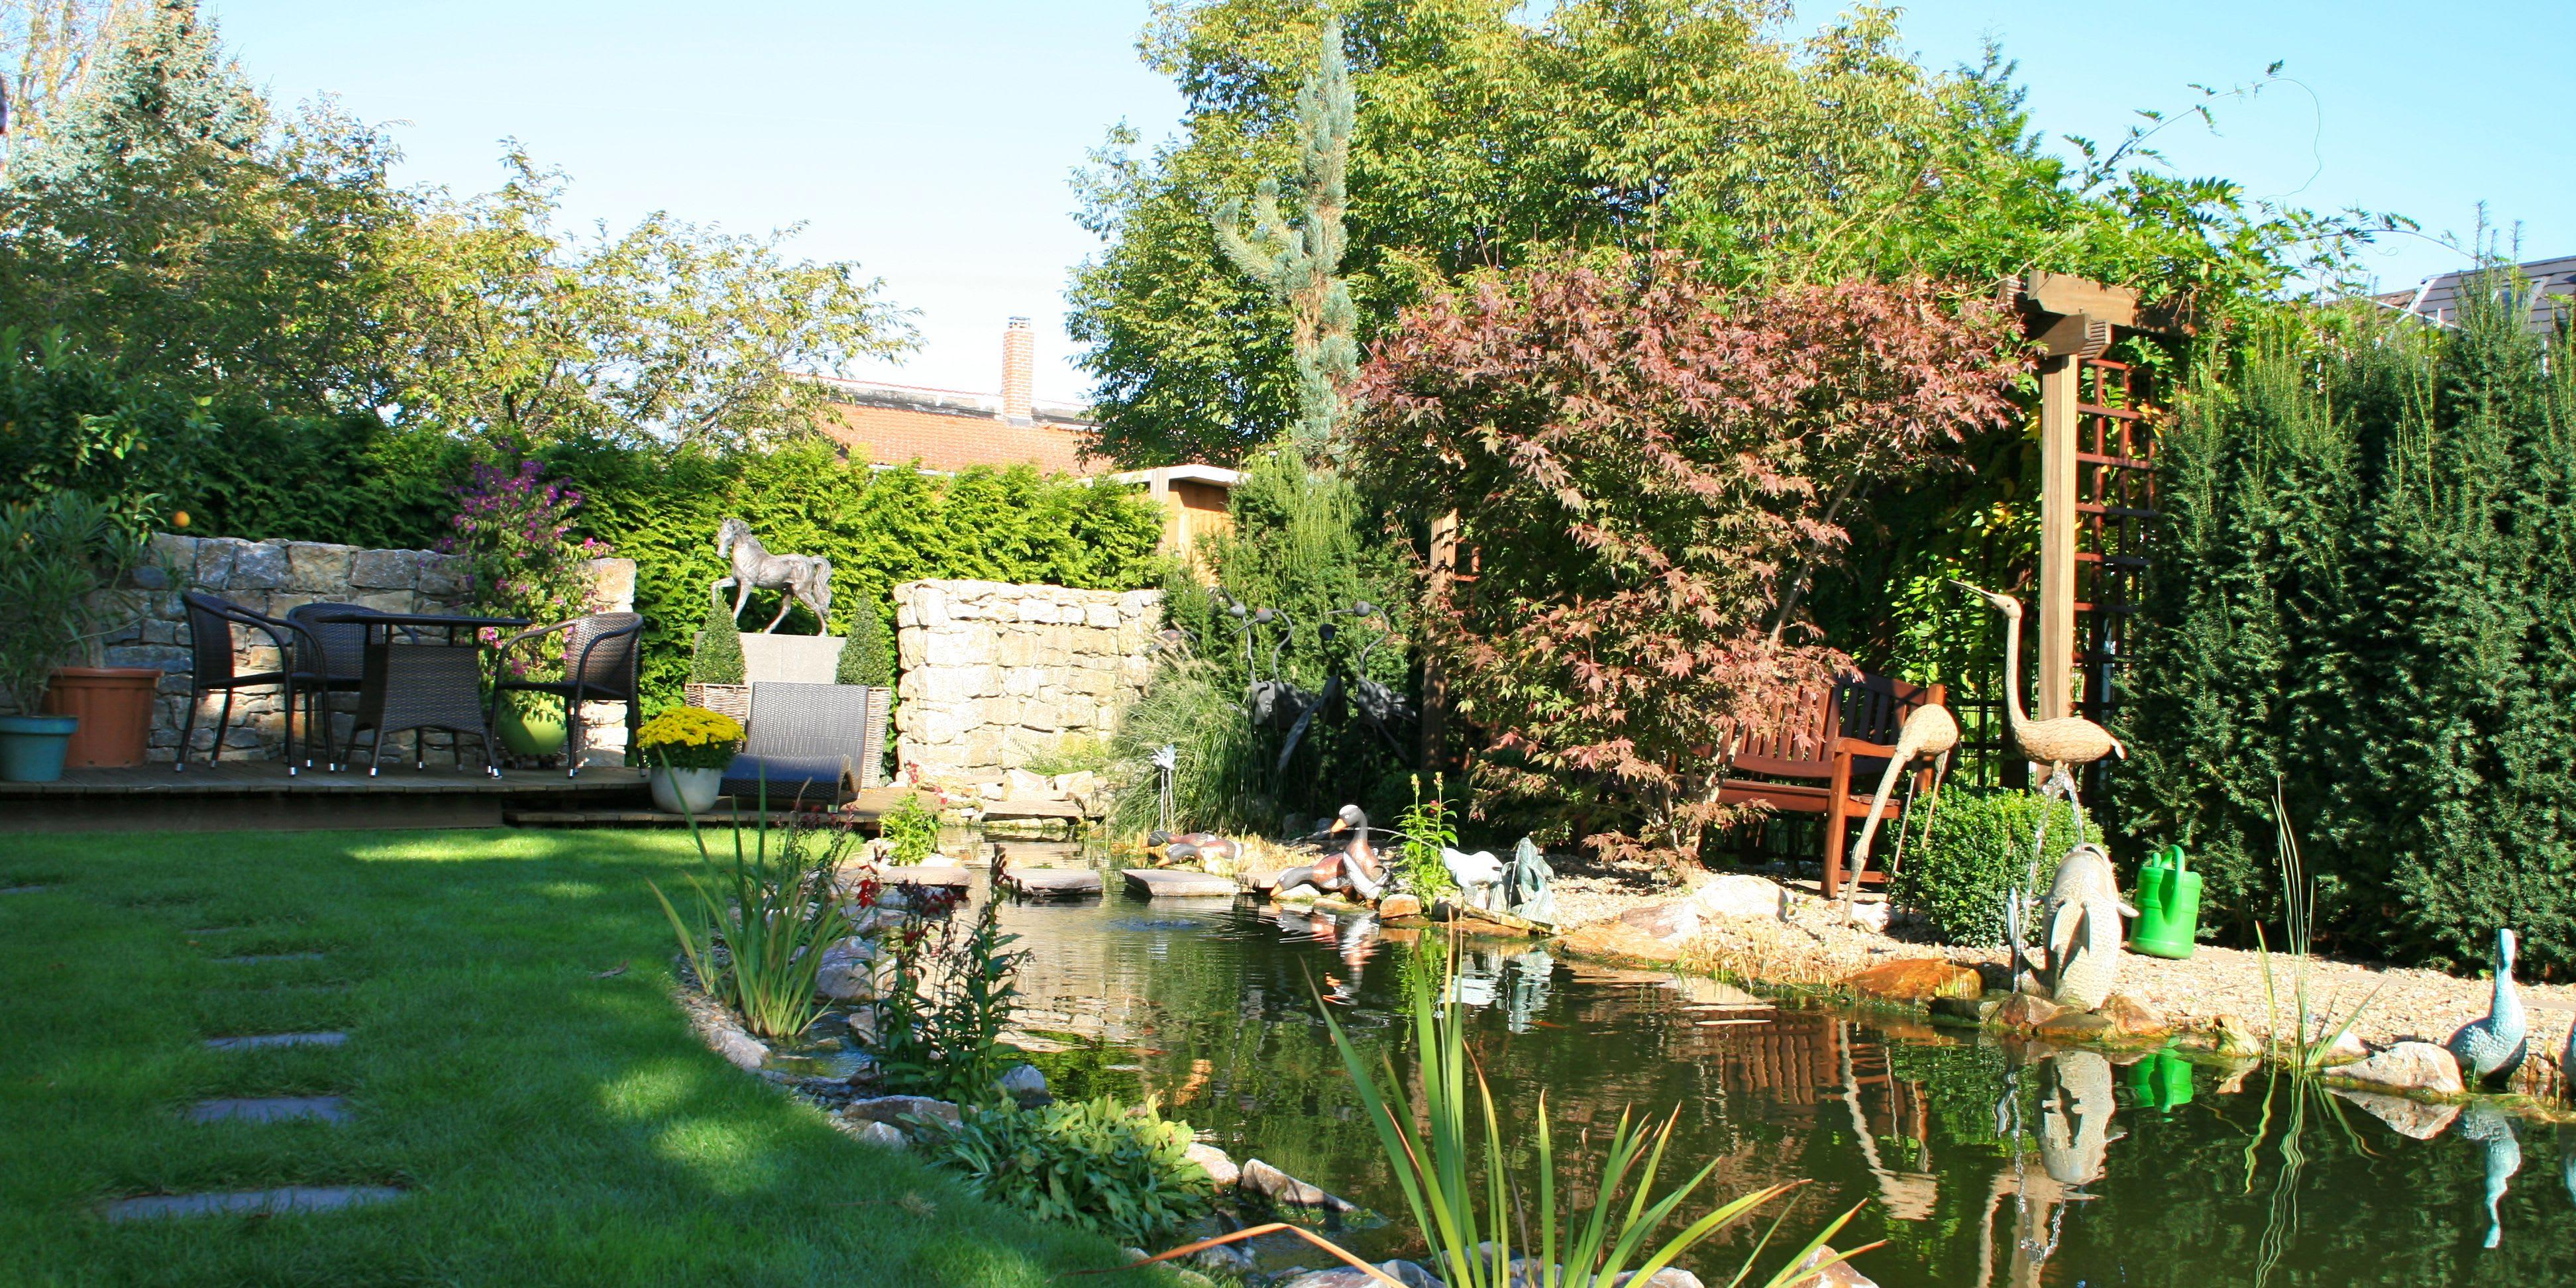 Gartenanlage mit Teich und kleiner Sitzecke